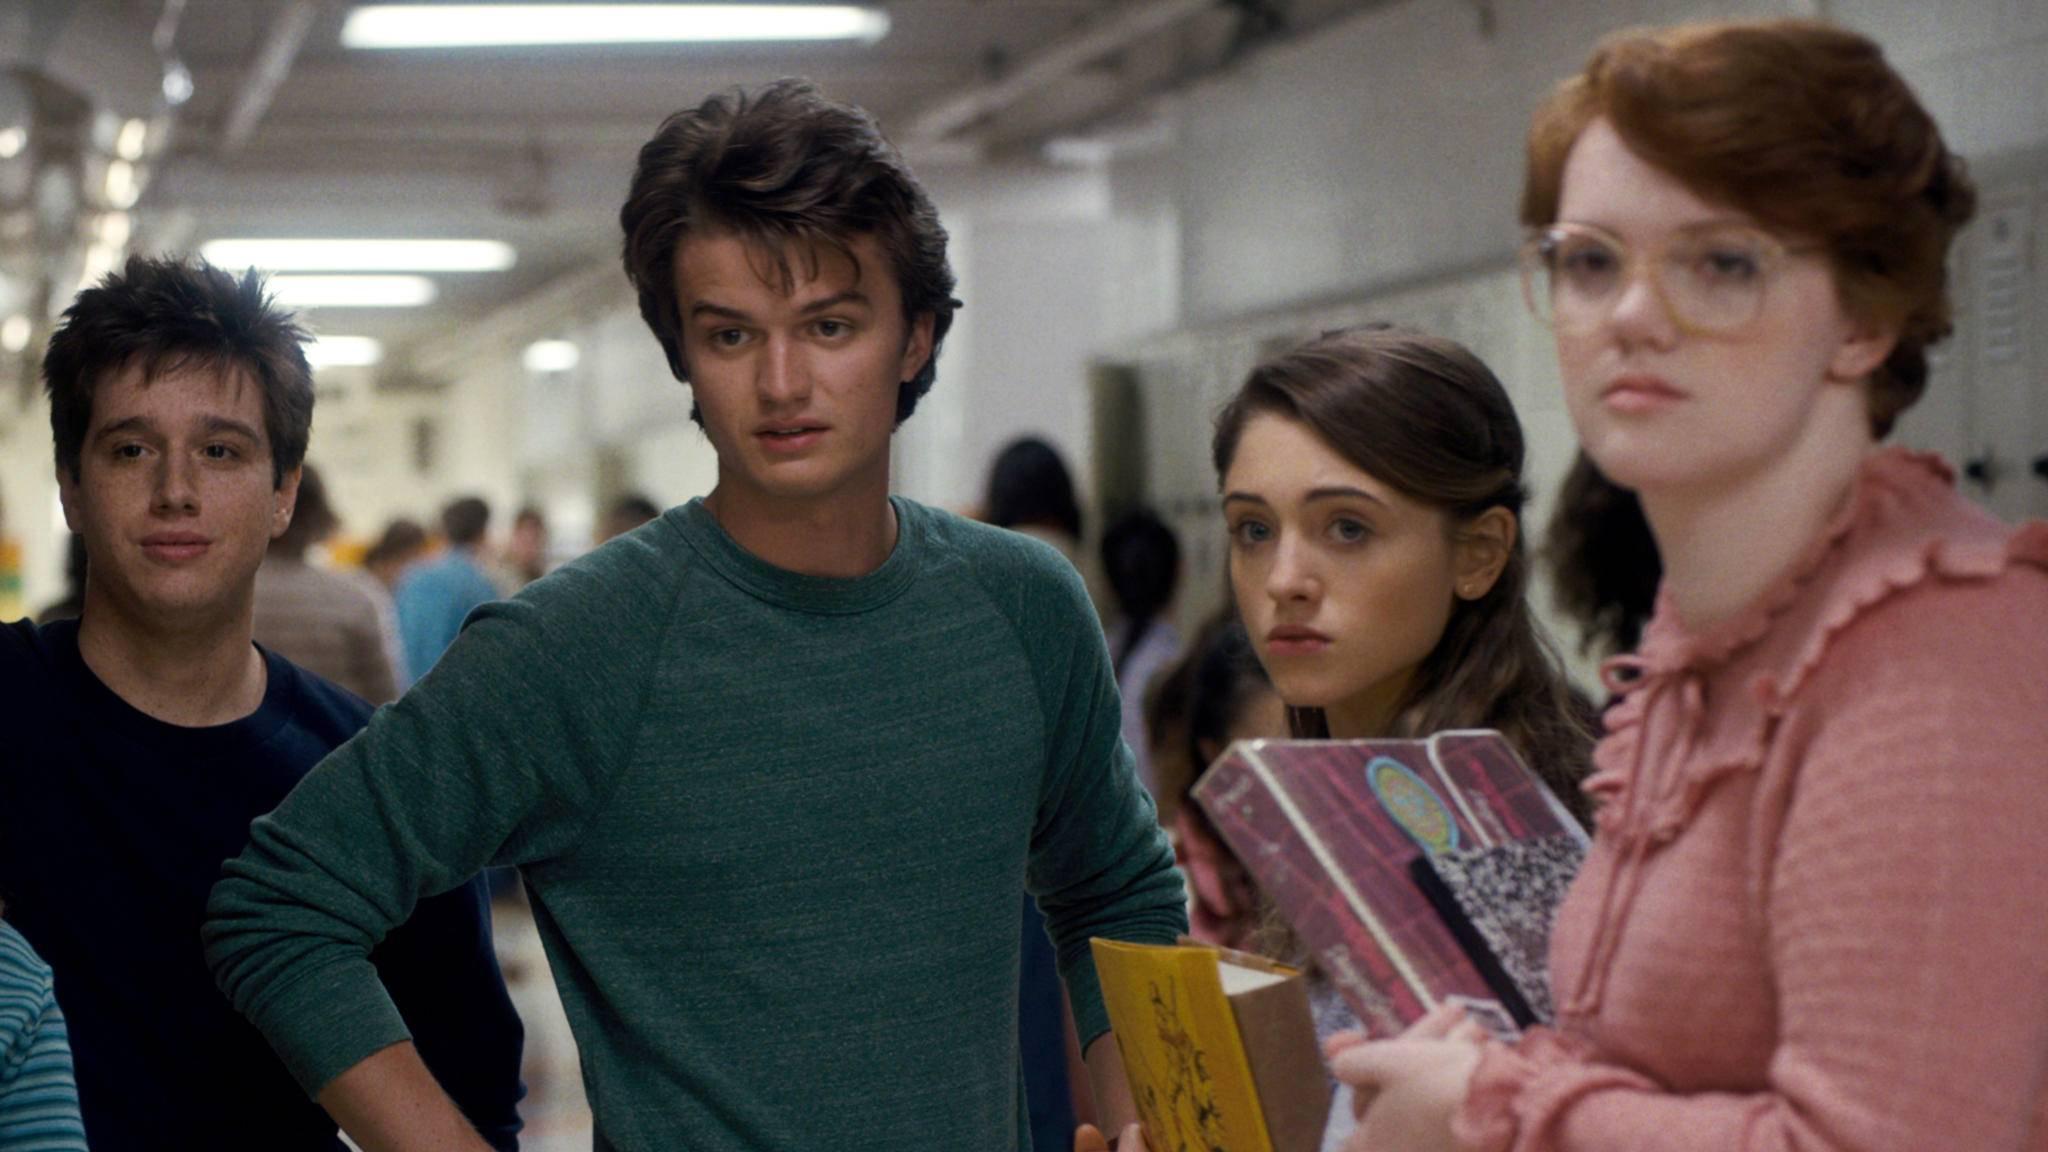 Die Charaktere aus der Hawkins High School sind offenbar auch bei Starbucks-Mitarbeitern beliebt.